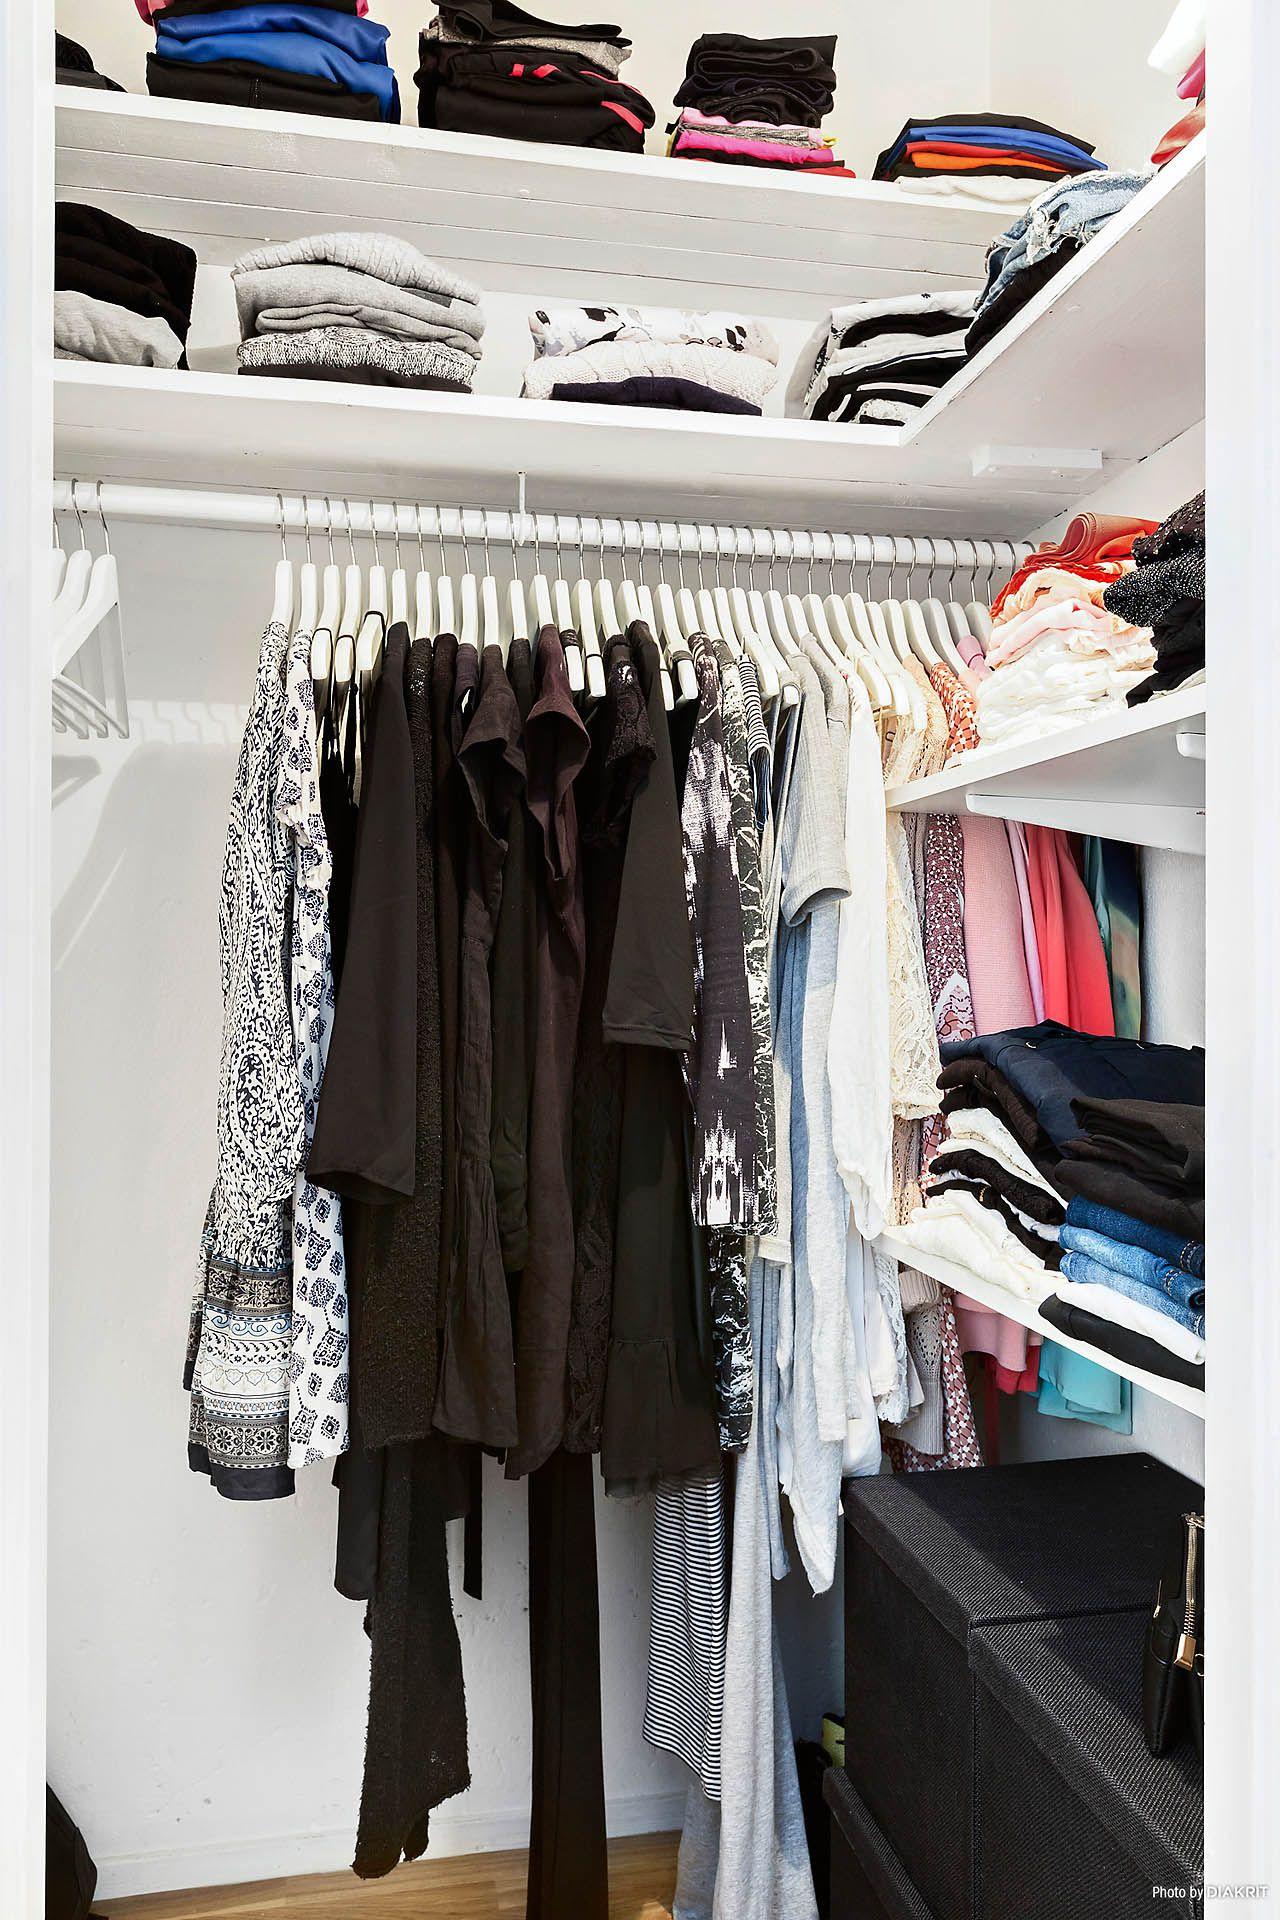 klädkammare | inredning - walk in closet | pinterest | inredning